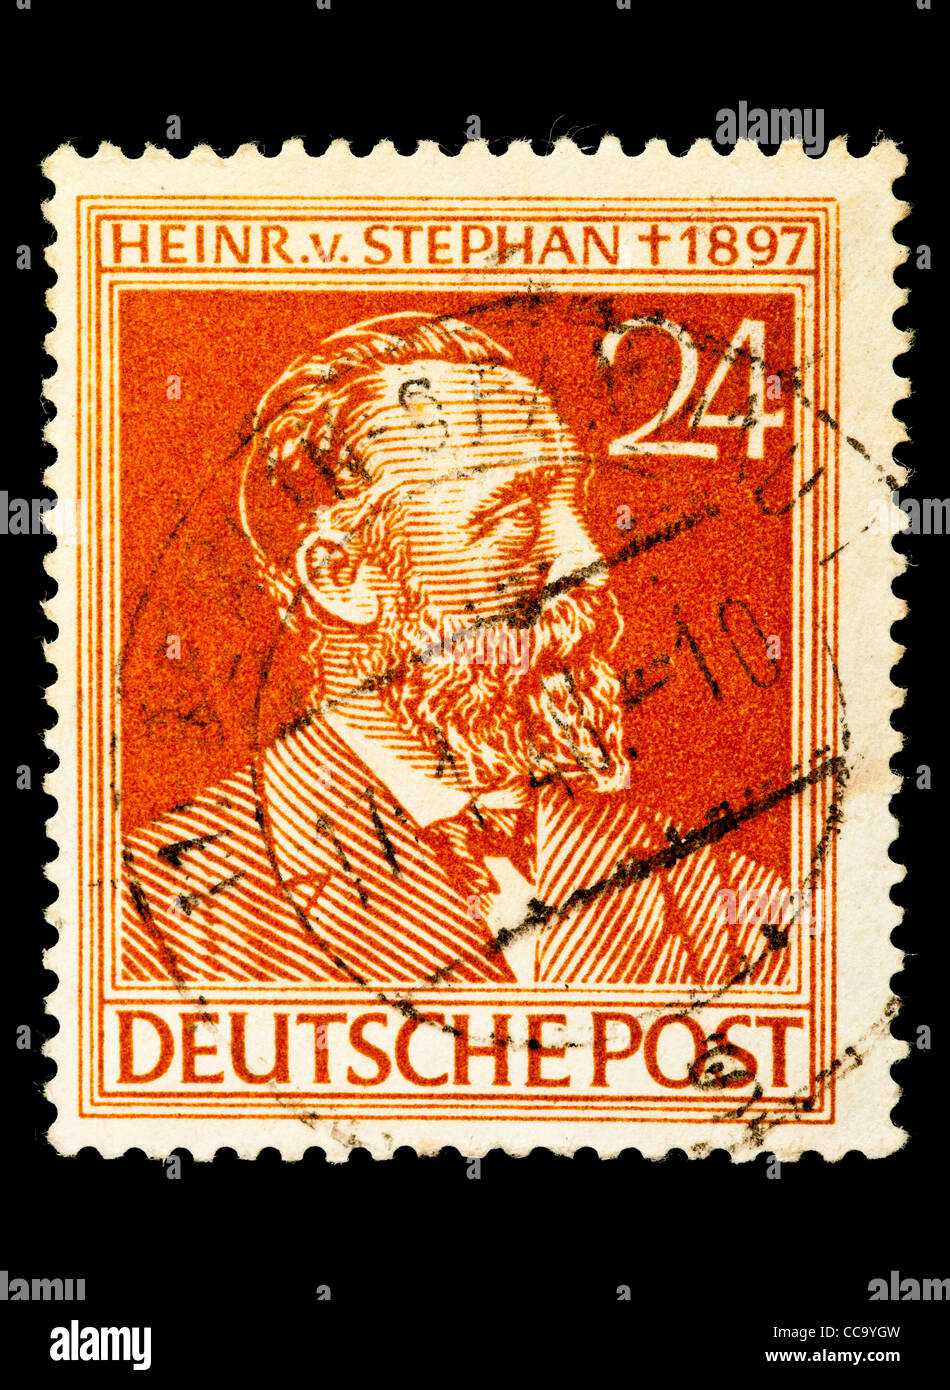 Postage stamp: Deutsche Post, Heinrich v. Stephan, Weltpostverein, 24 Pfennig, 1947, stamped Stock Photo